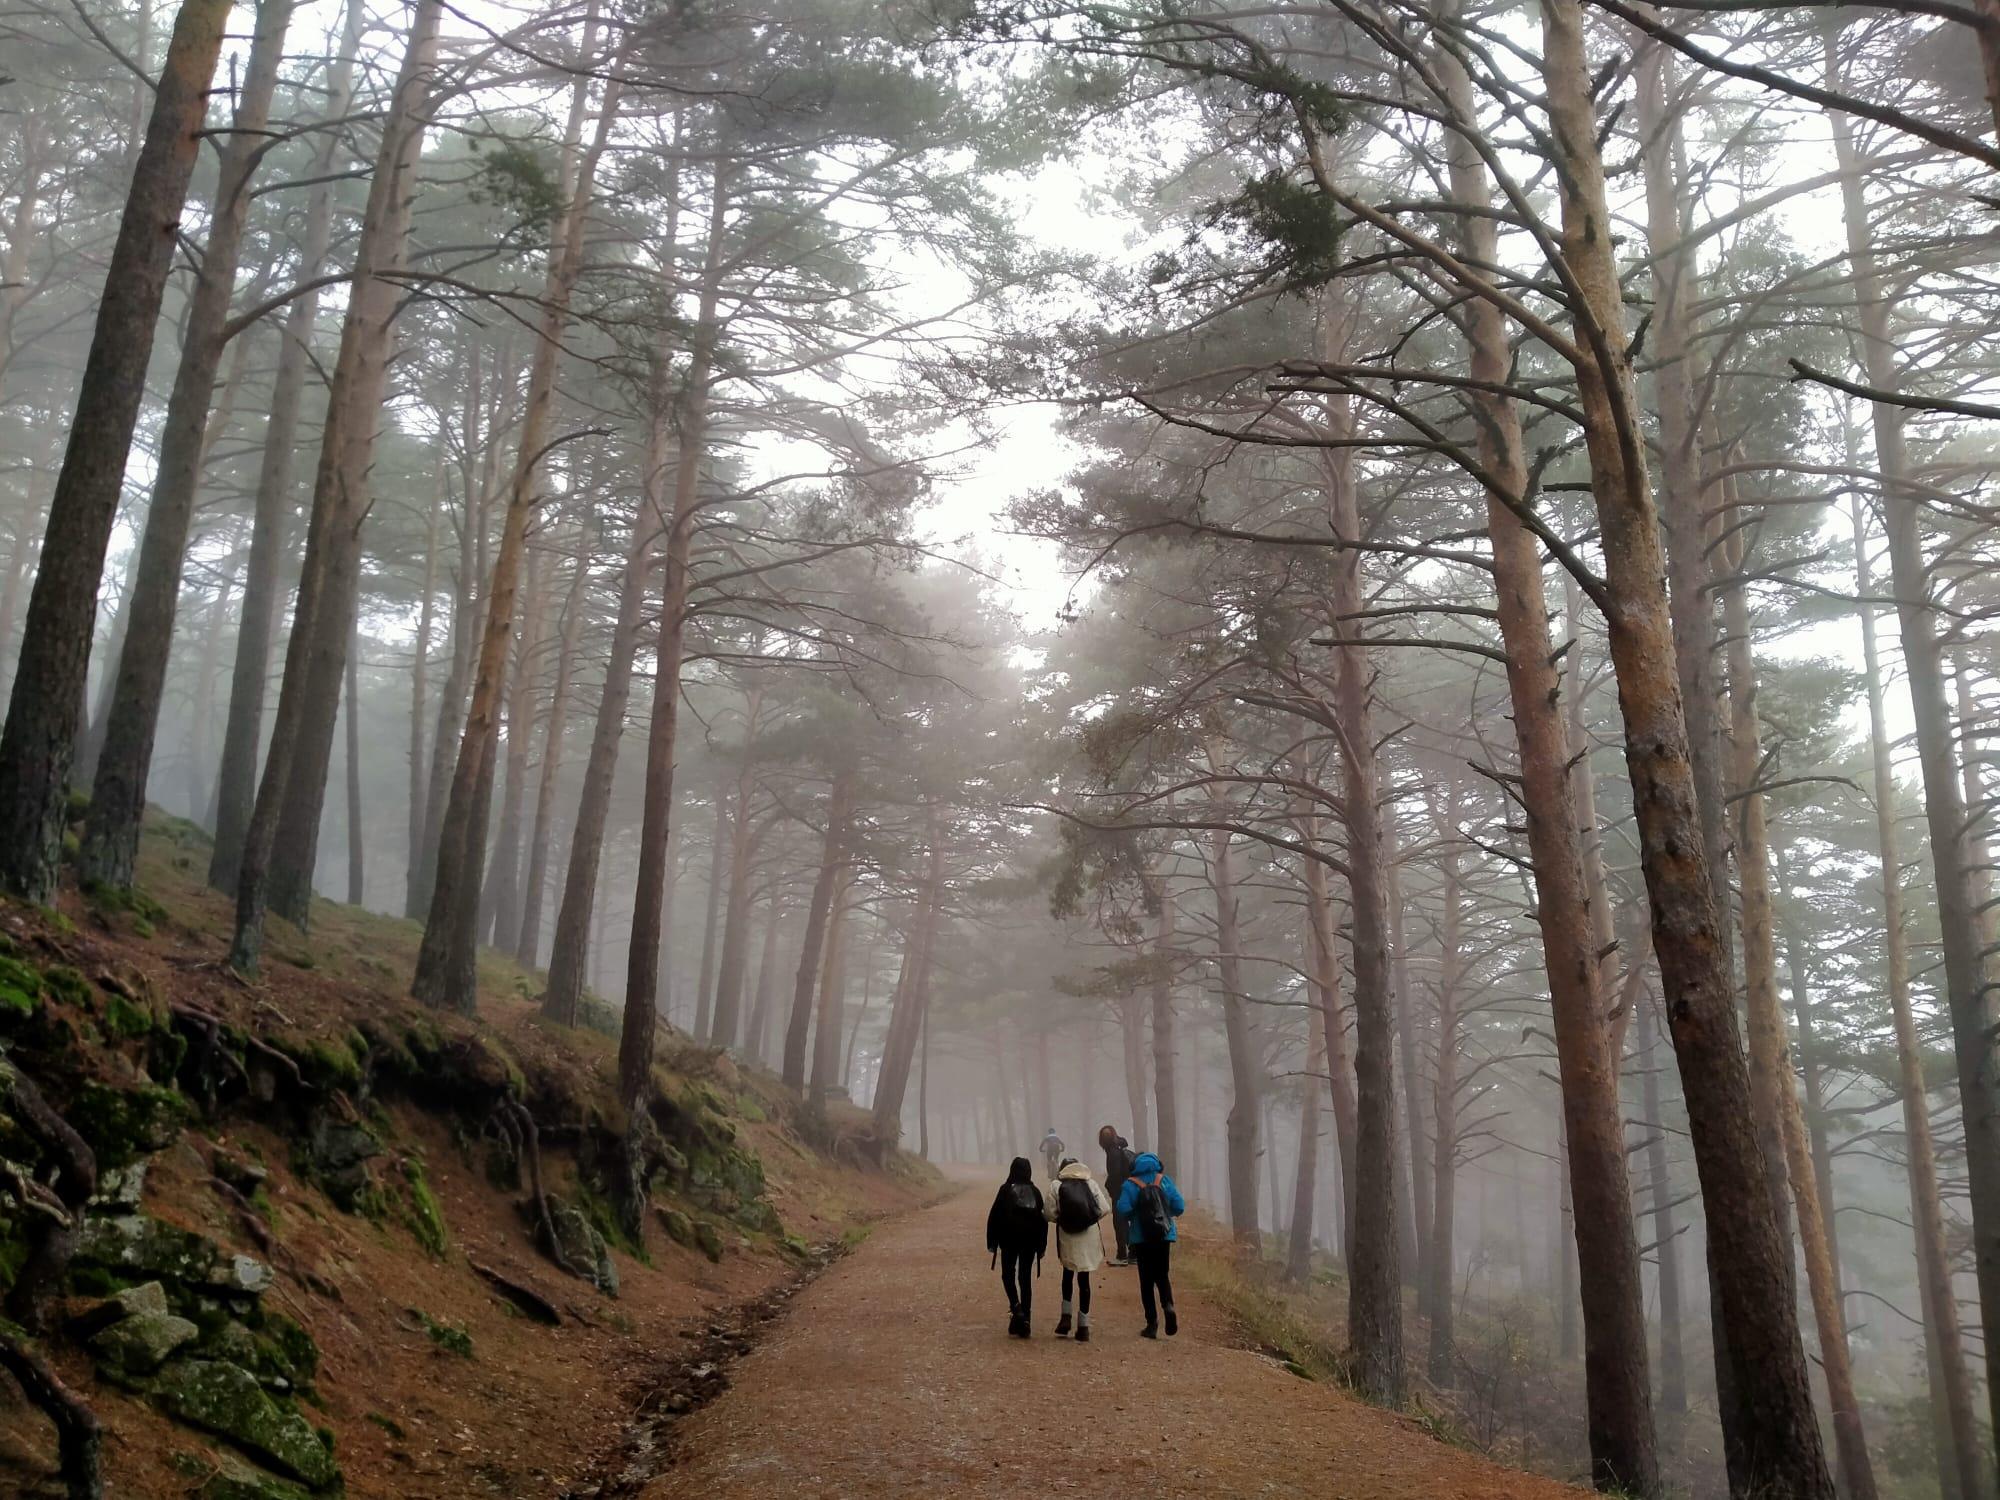 Ruta senderista al abedular de Canencia con niños. ©Patricia Fernández Pérez